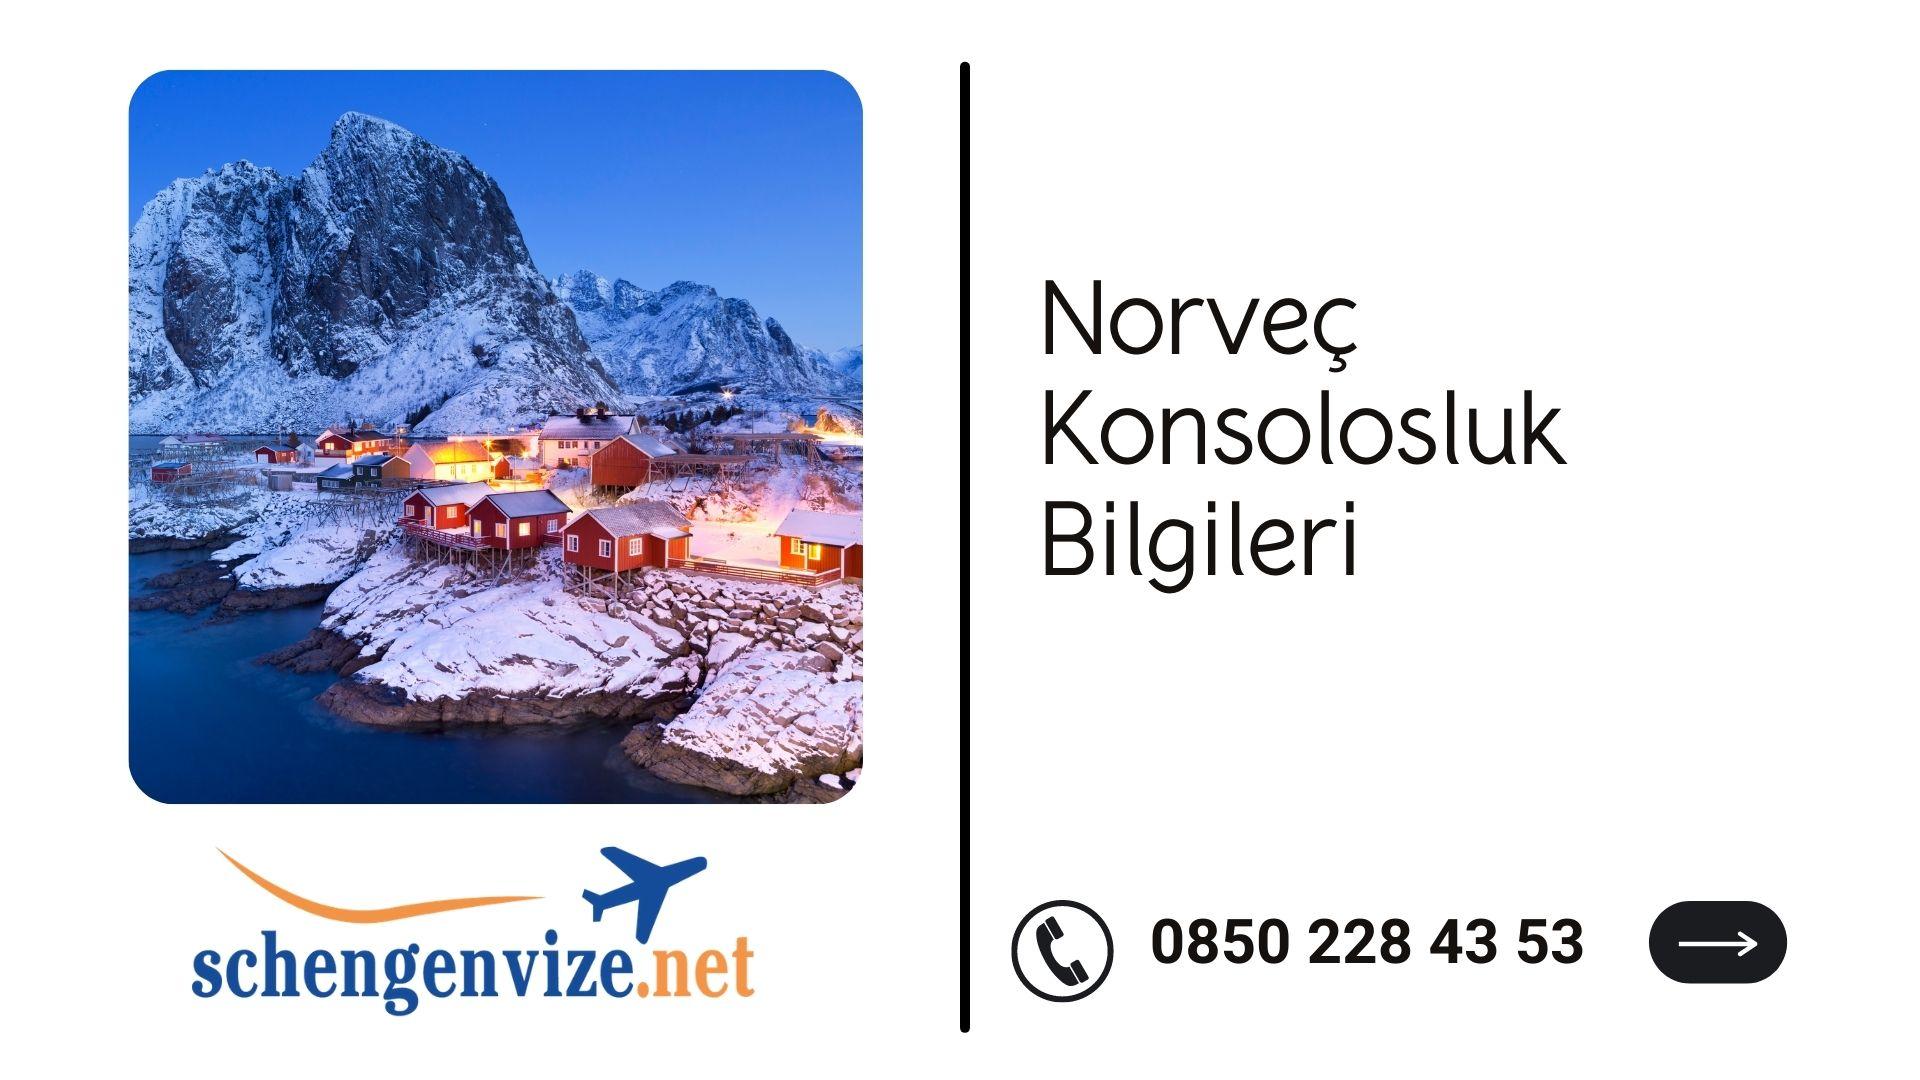 Norveç Konsolosluk Bilgileri